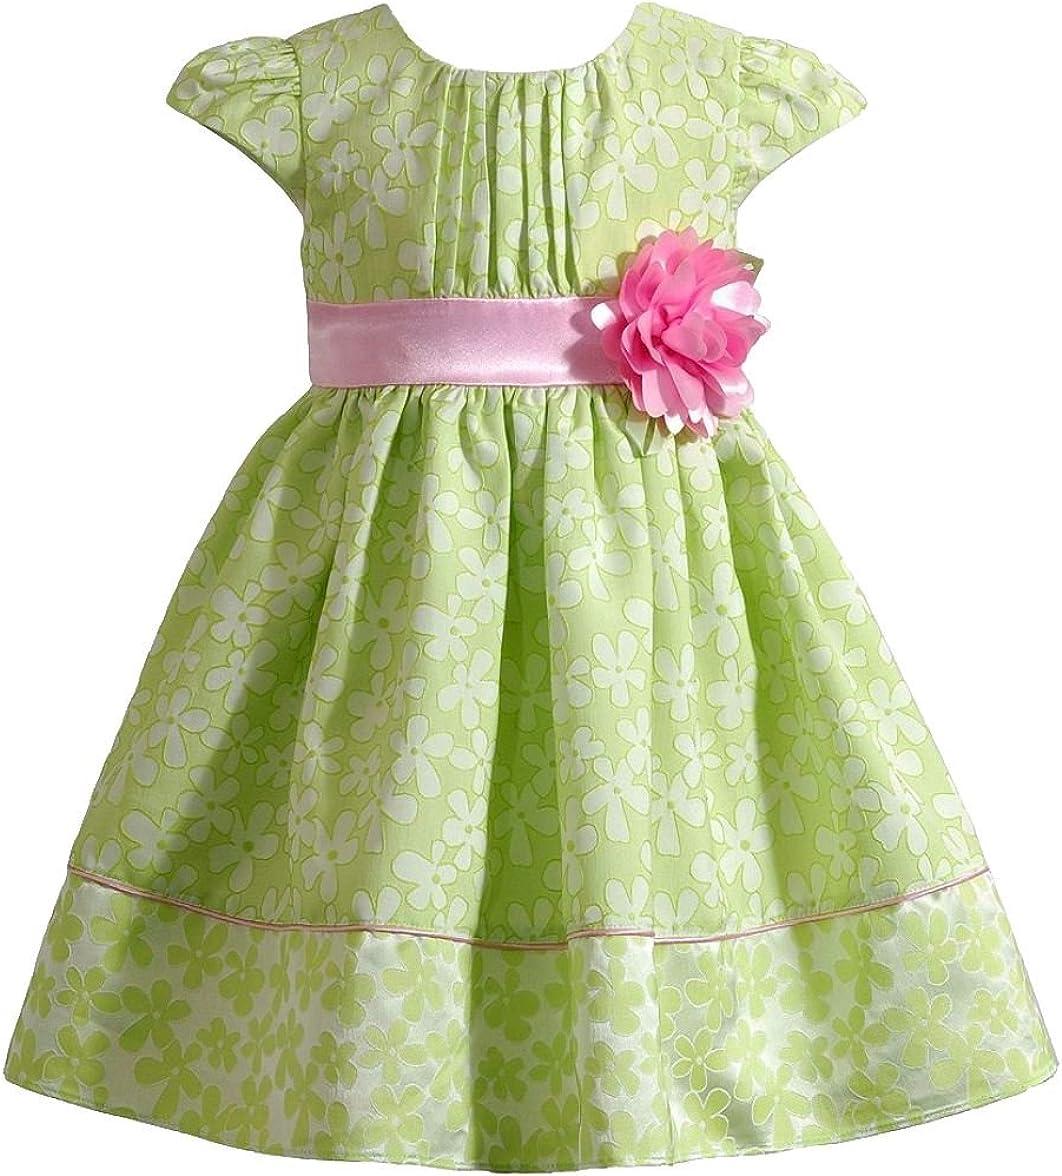 Youngland Girls Flower Print Dress, Green/Pink